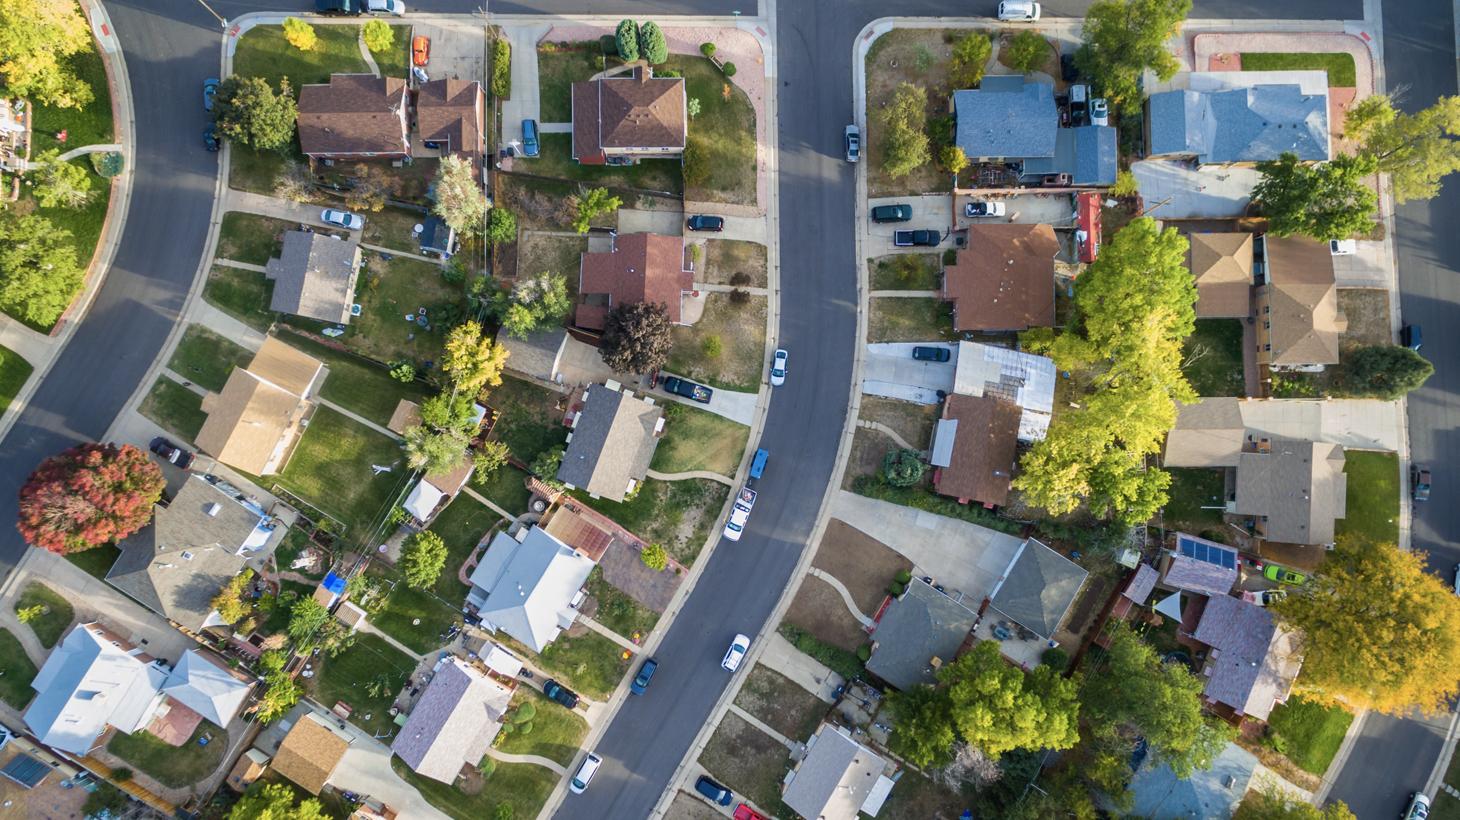 Aerial View of Growing Neighborhood